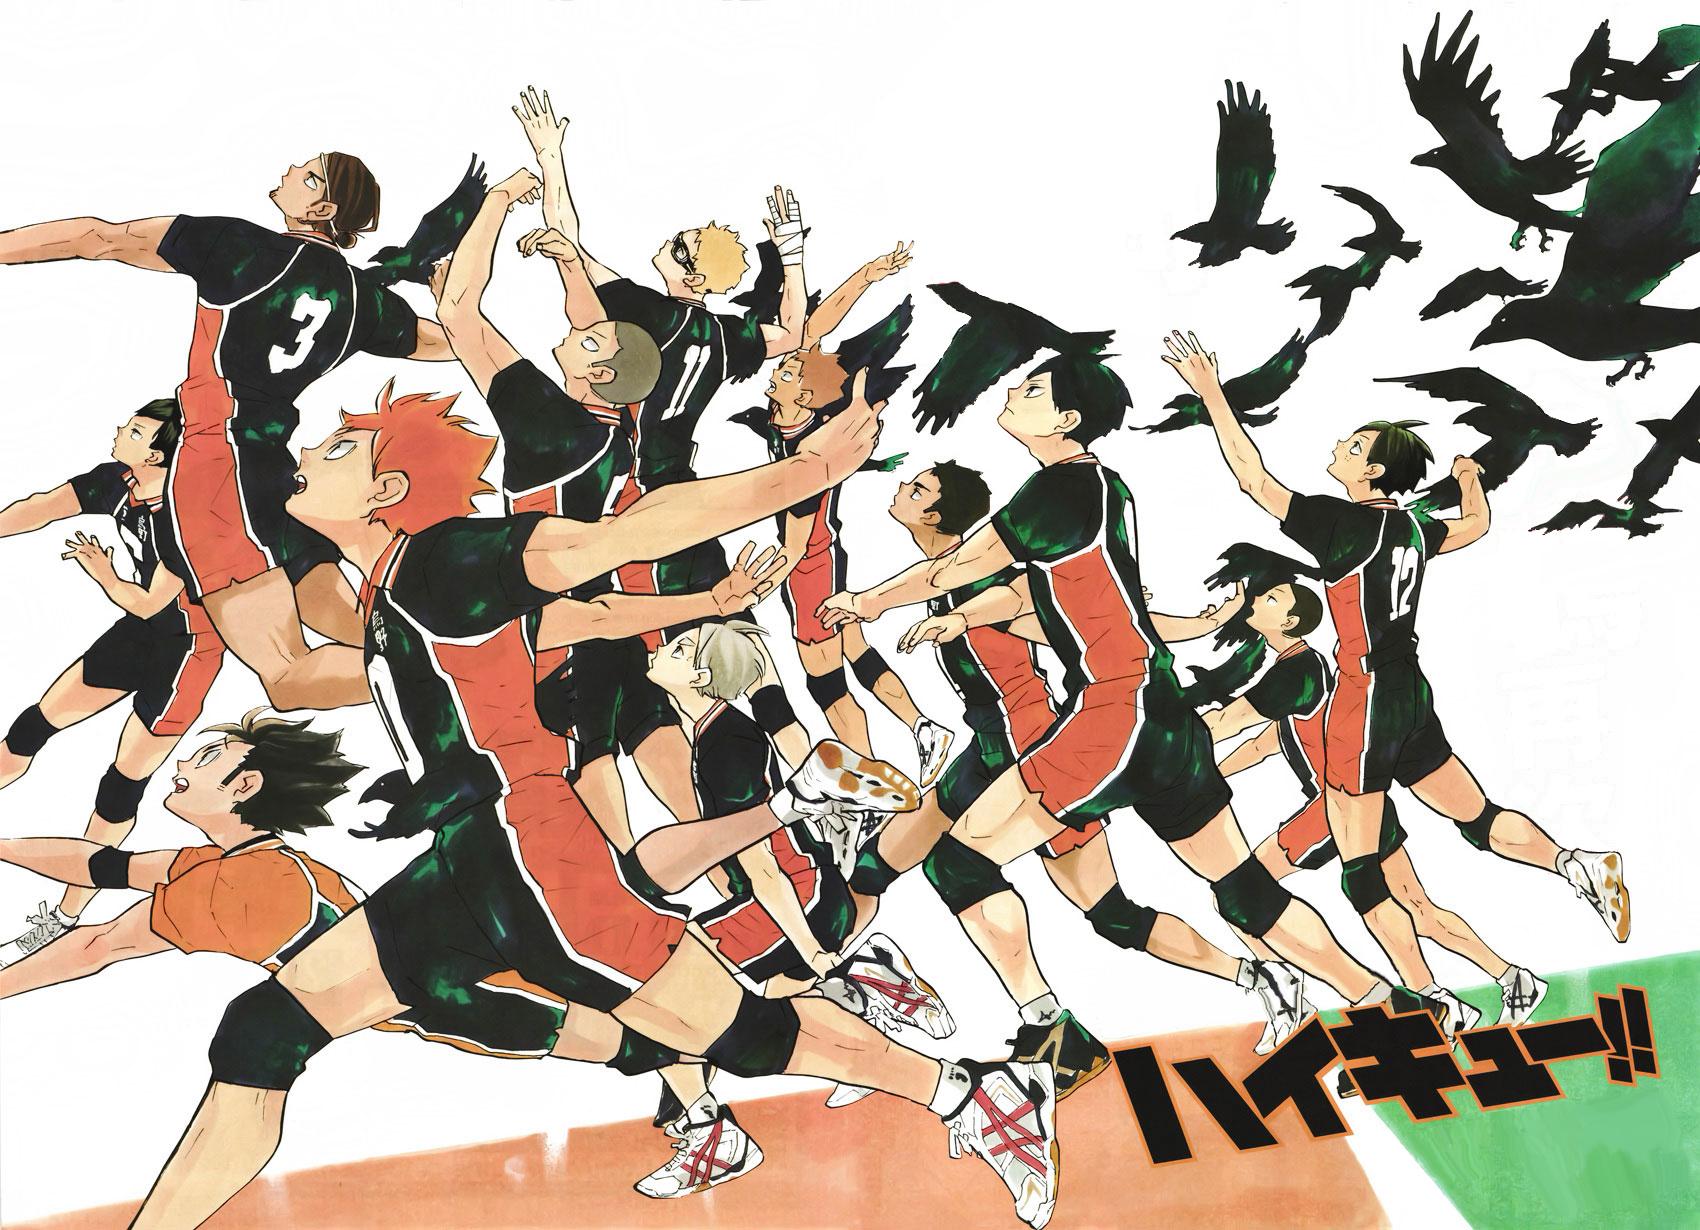 http://c5.ninemanga.com/es_manga/10/10/438652/c5c1d376a8d527e5ba94415e70c9003e.jpg Page 4